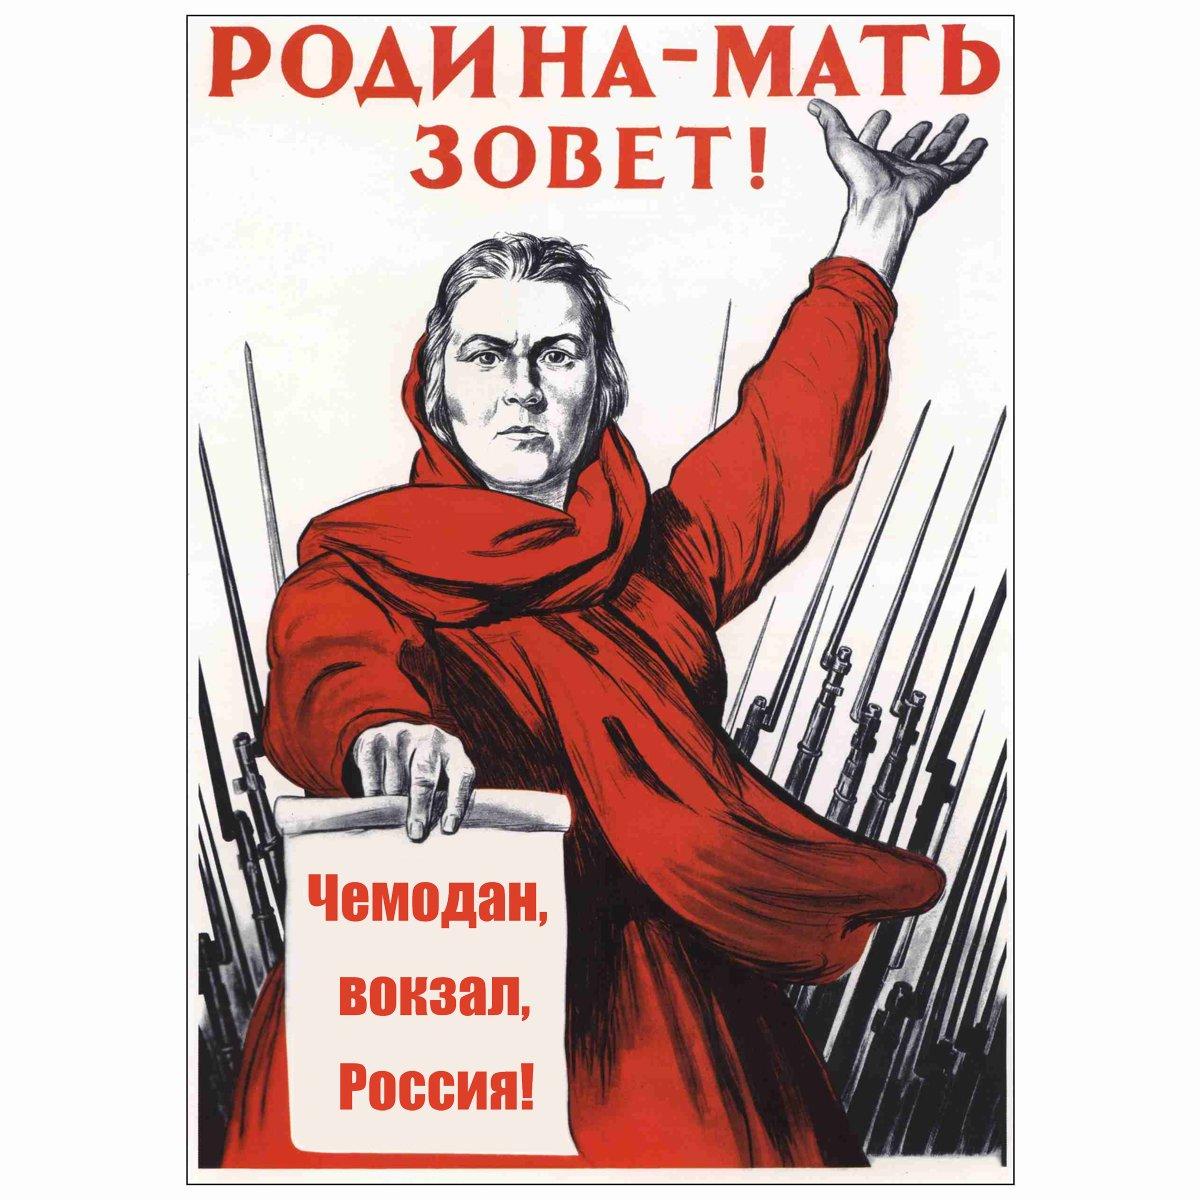 РНБО ввів санкції проти юридичних та фізичних осіб, пов'язаних із російською агресією проти України - Цензор.НЕТ 3004